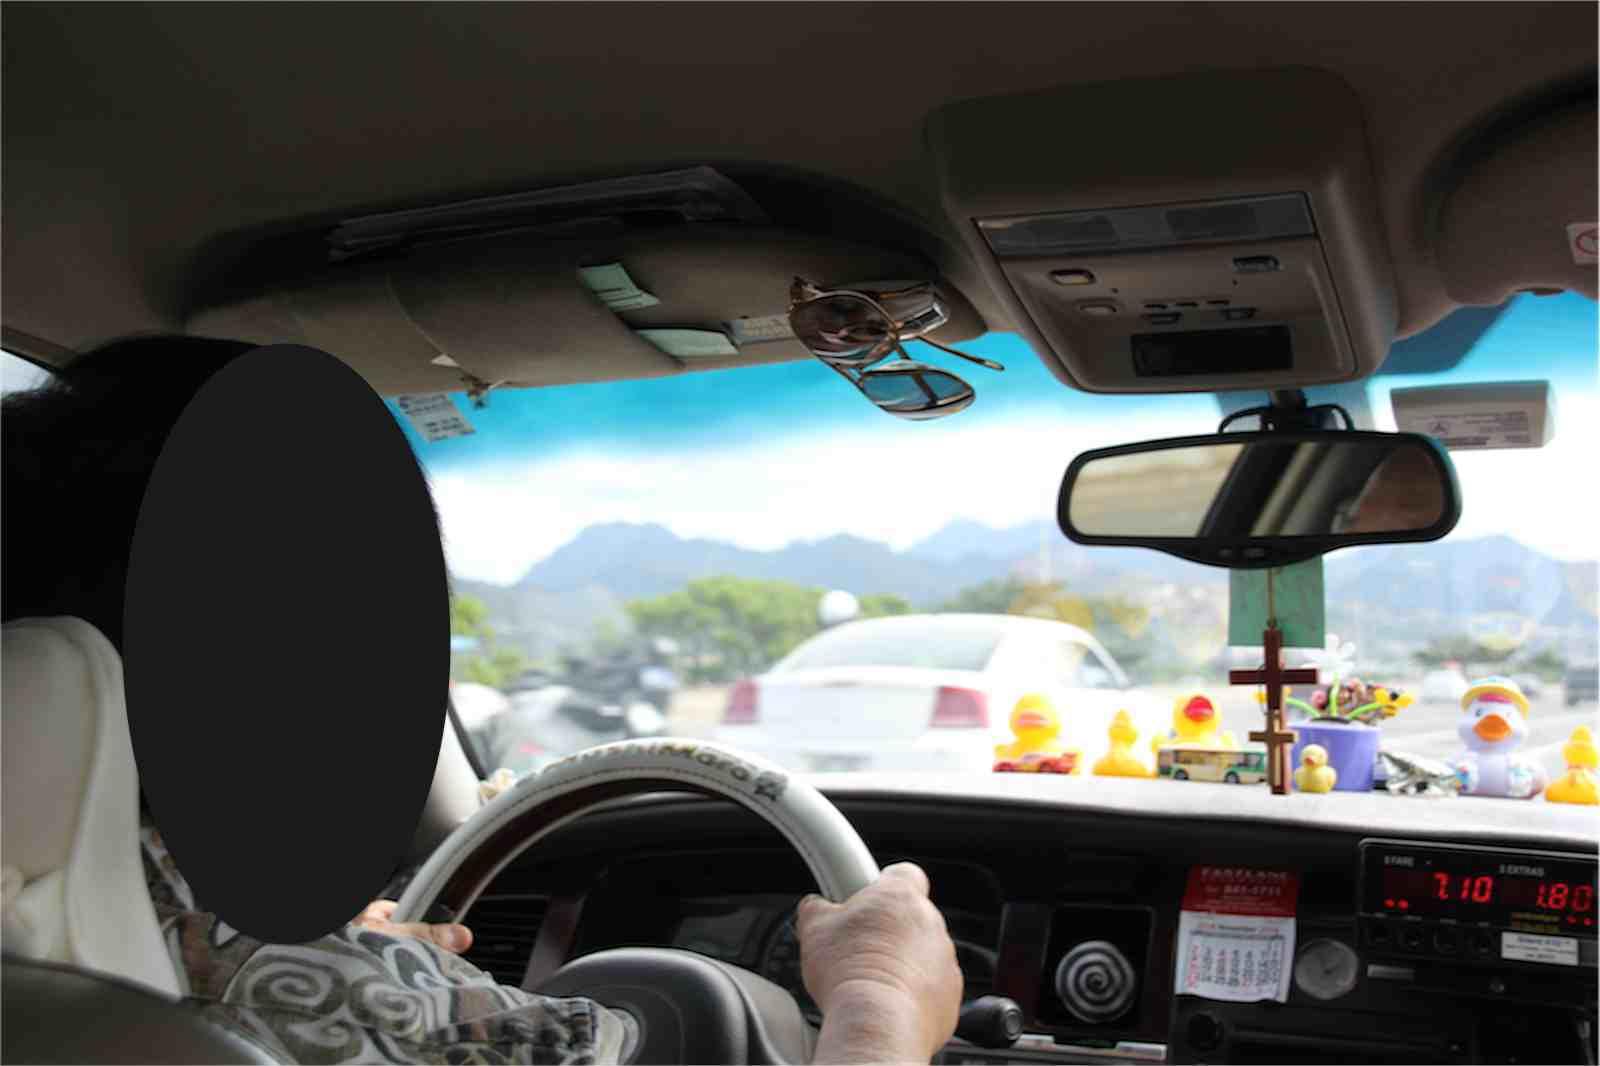 ハワイのタクシー乗車にチャイルドシートが必要か聞いてみた結果